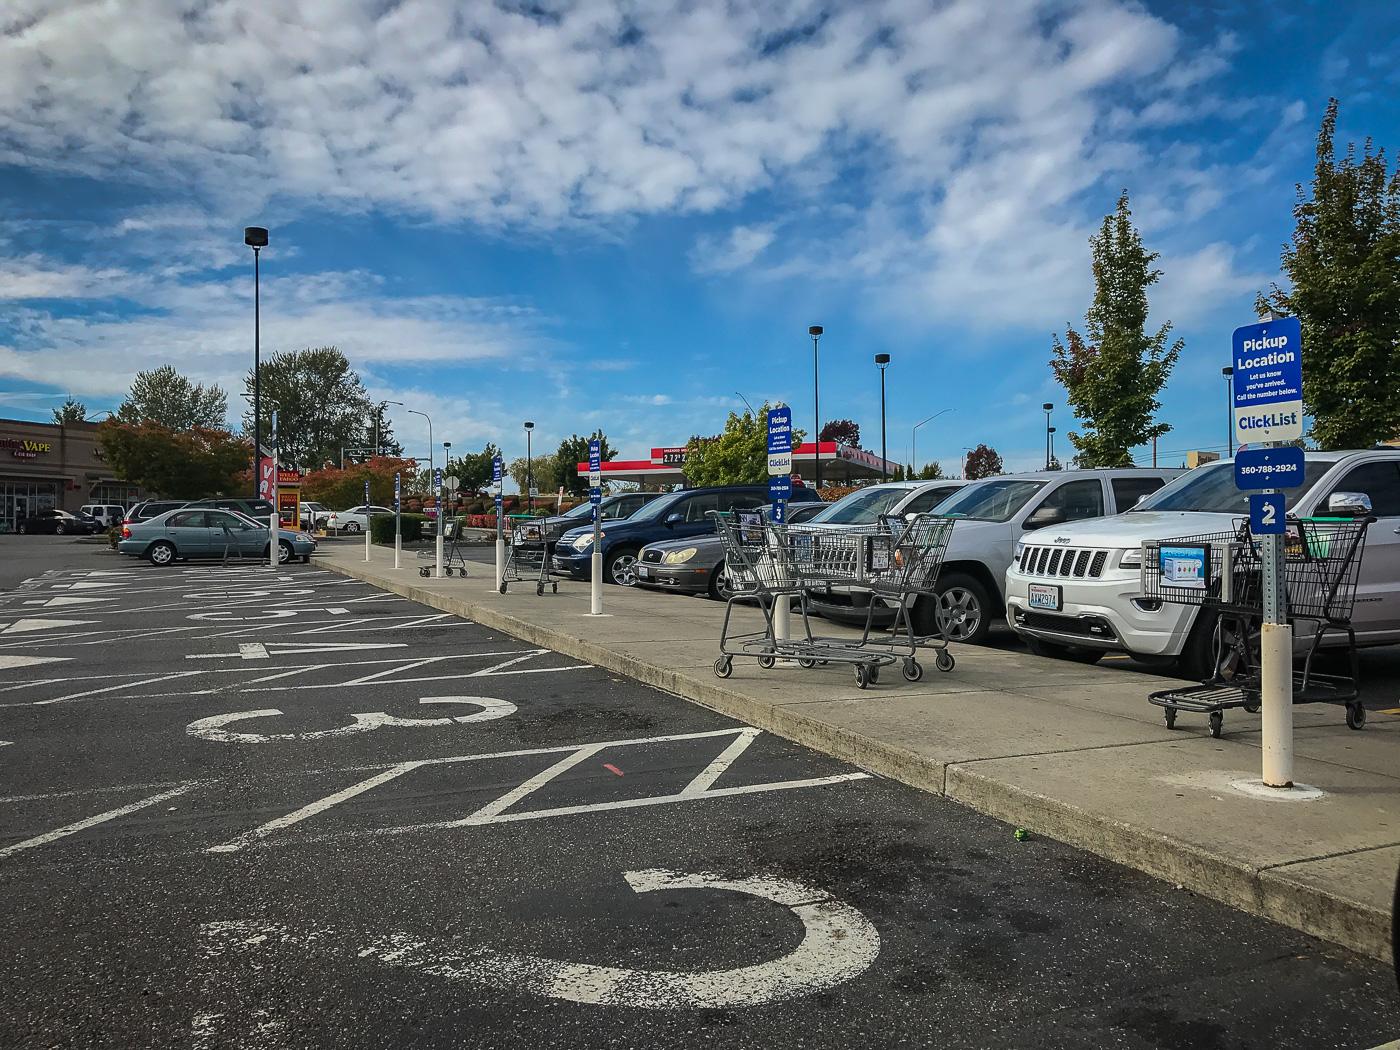 ClickList parking spots